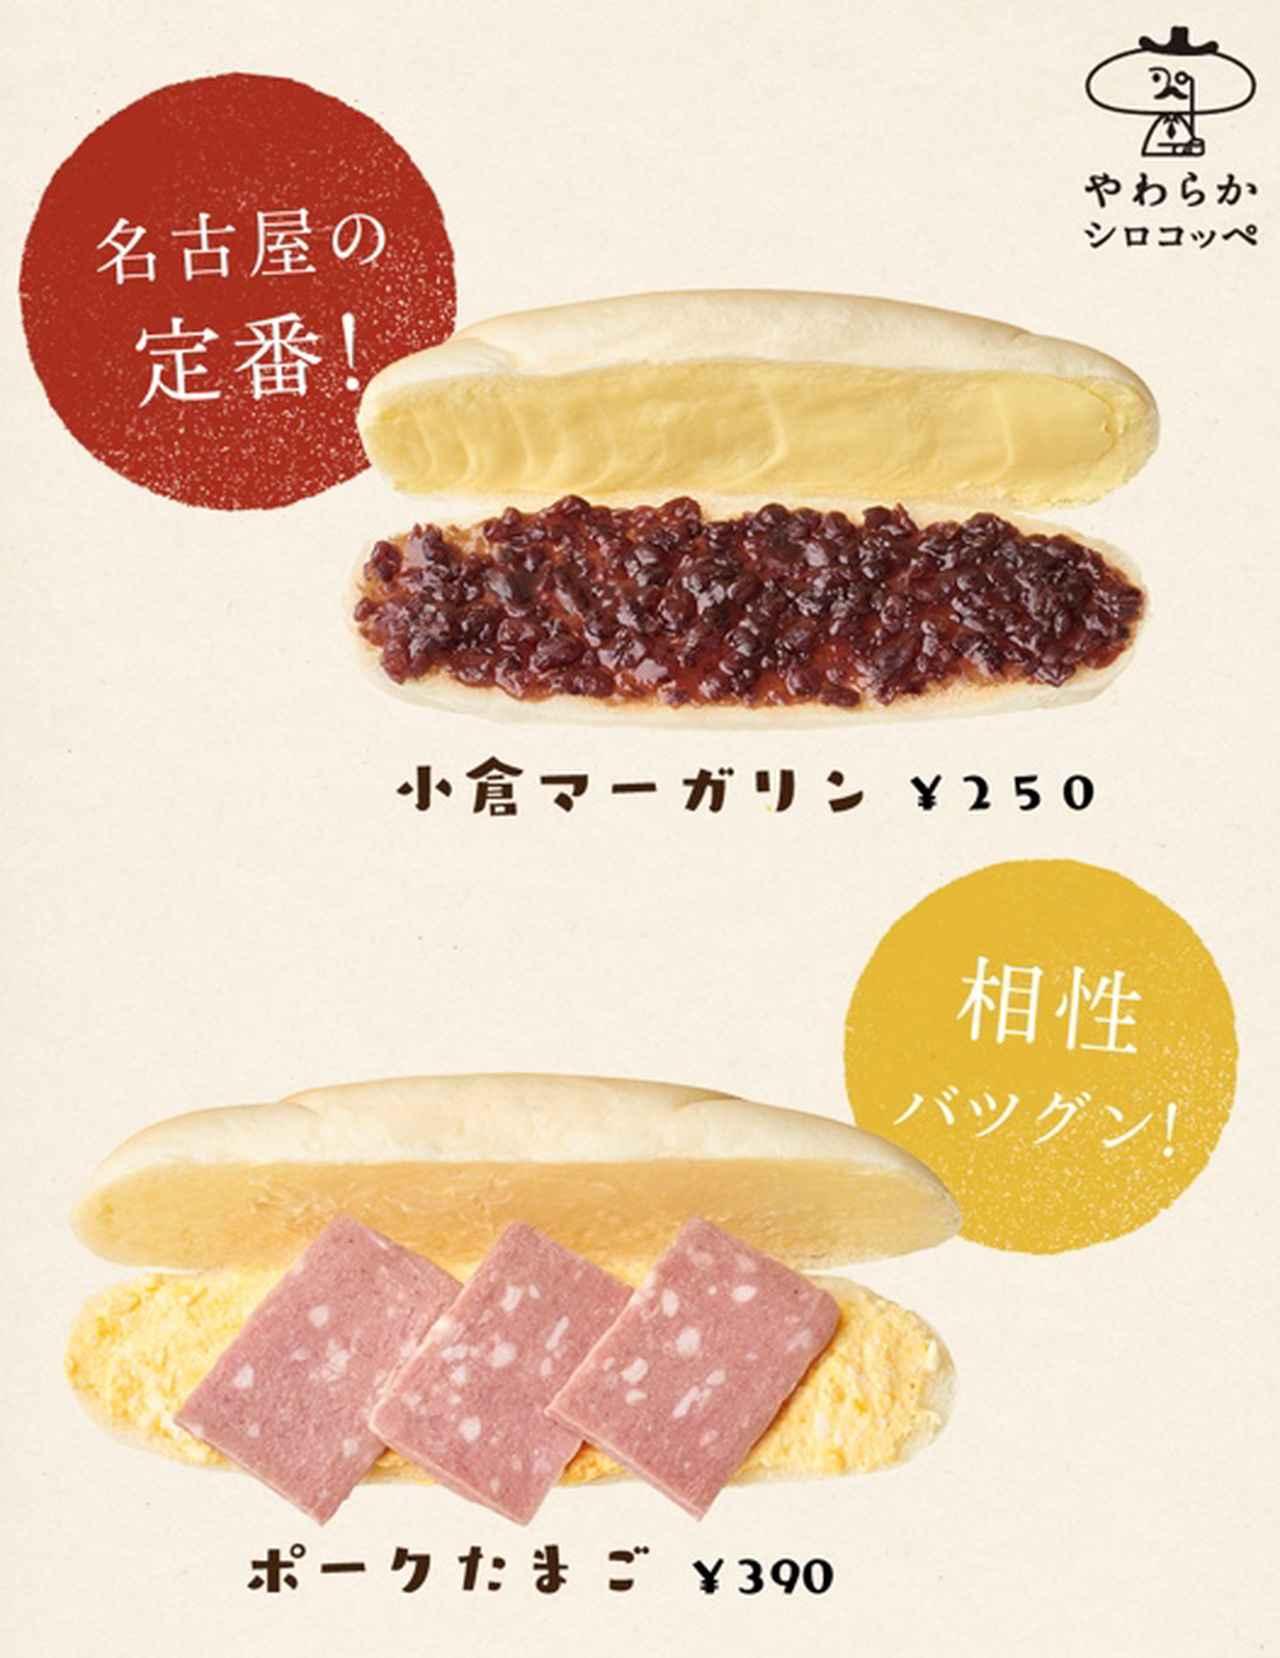 画像2: 話題のコメダのコッペパン専門店が蒲田にオープン!